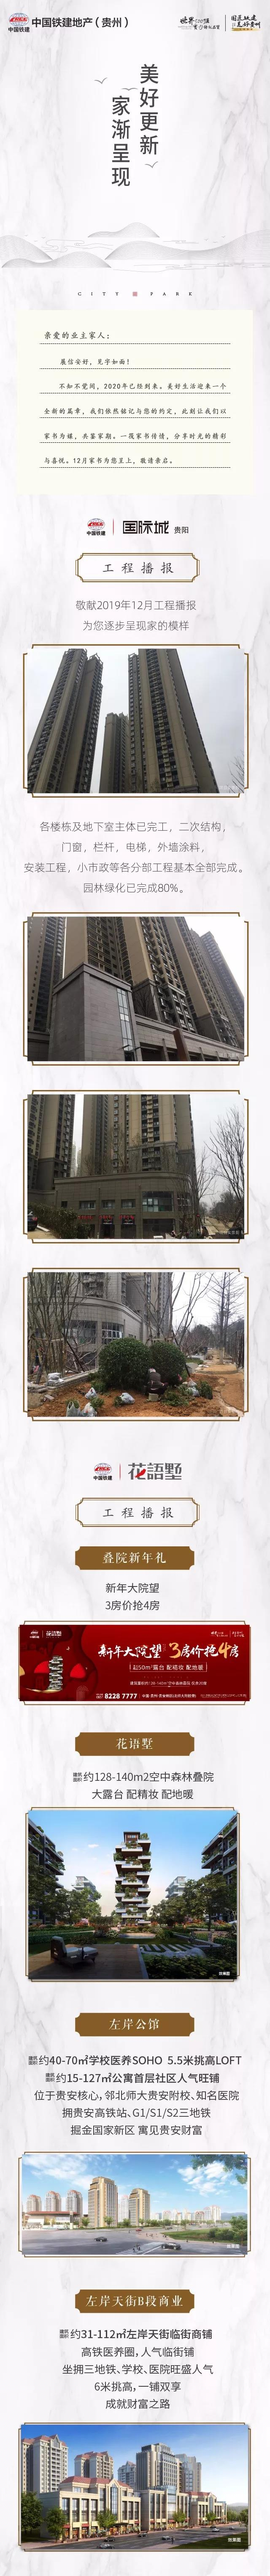 中国铁建地产贵州 · 12月家书-中国网地产